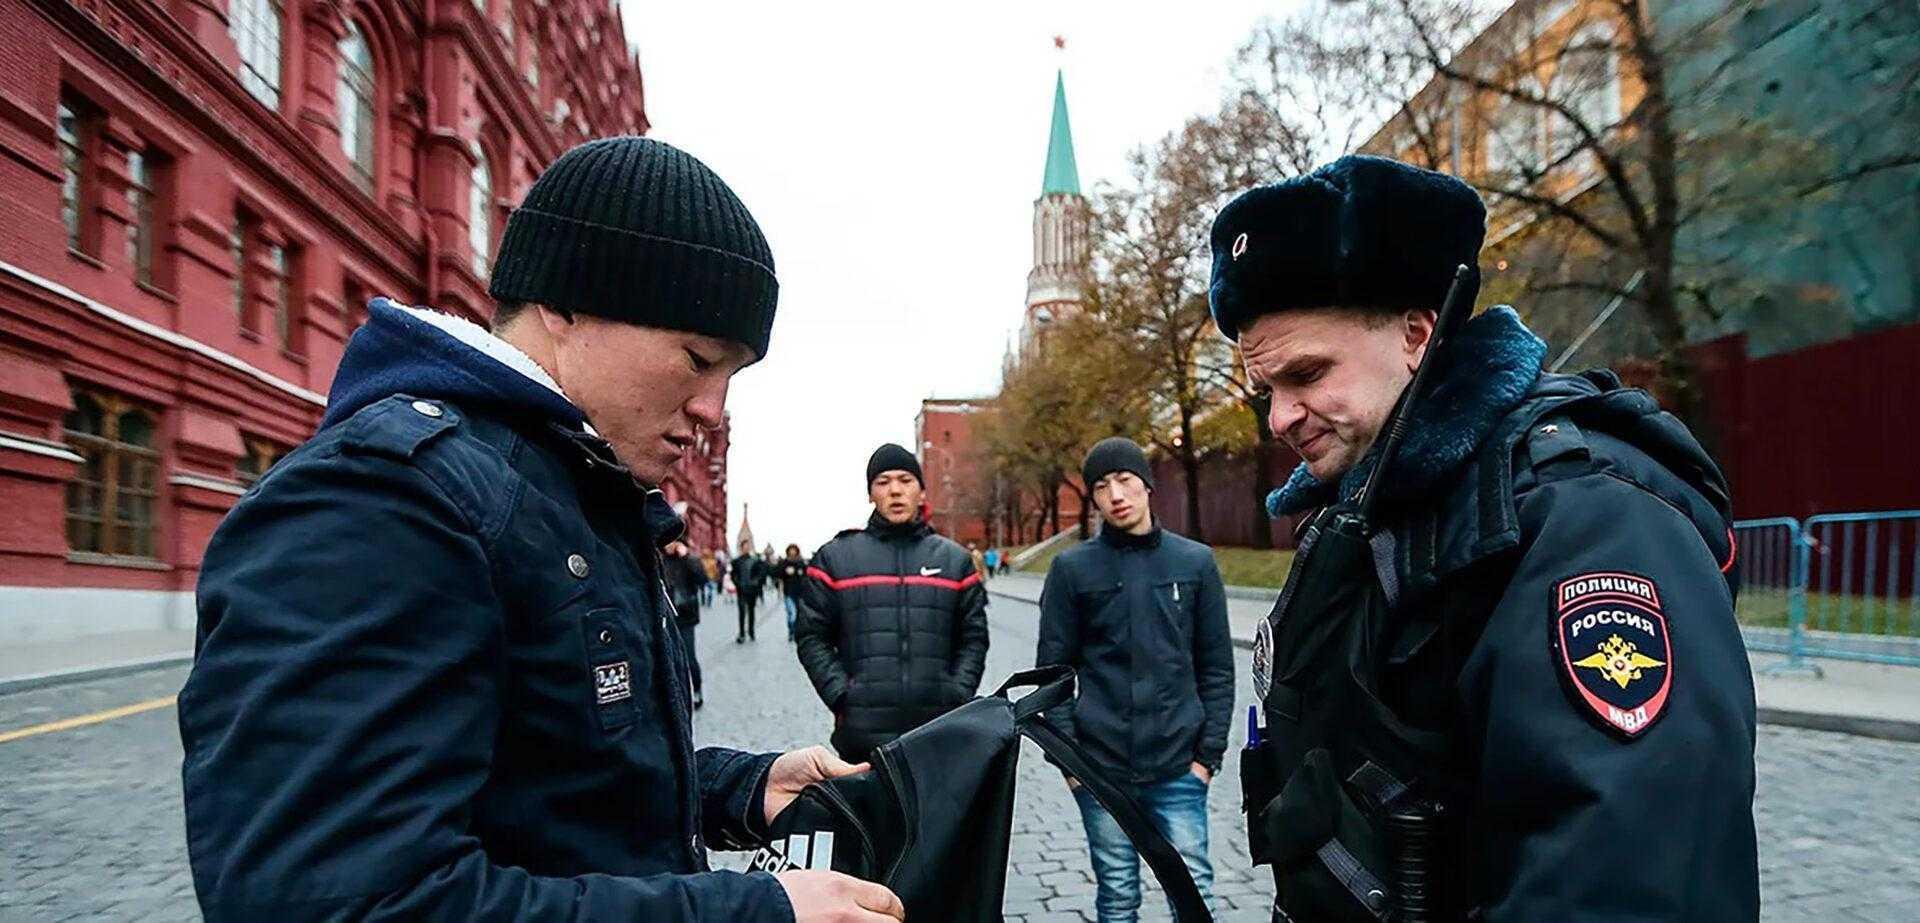 выдворение мигрантов из РФ за штрафы